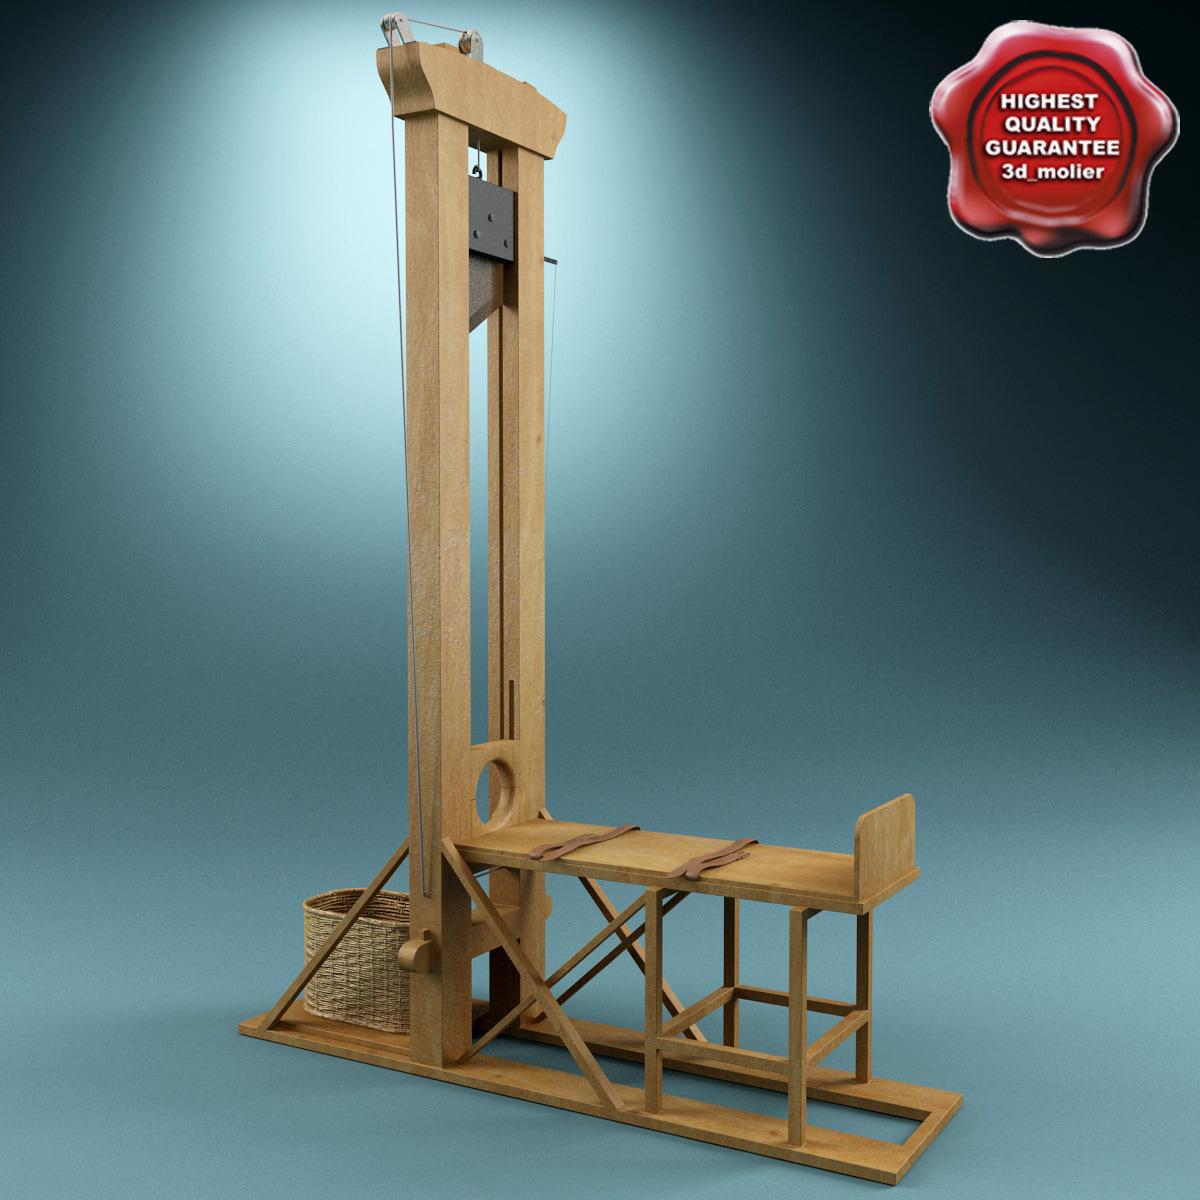 3d model guillotine v2. Black Bedroom Furniture Sets. Home Design Ideas